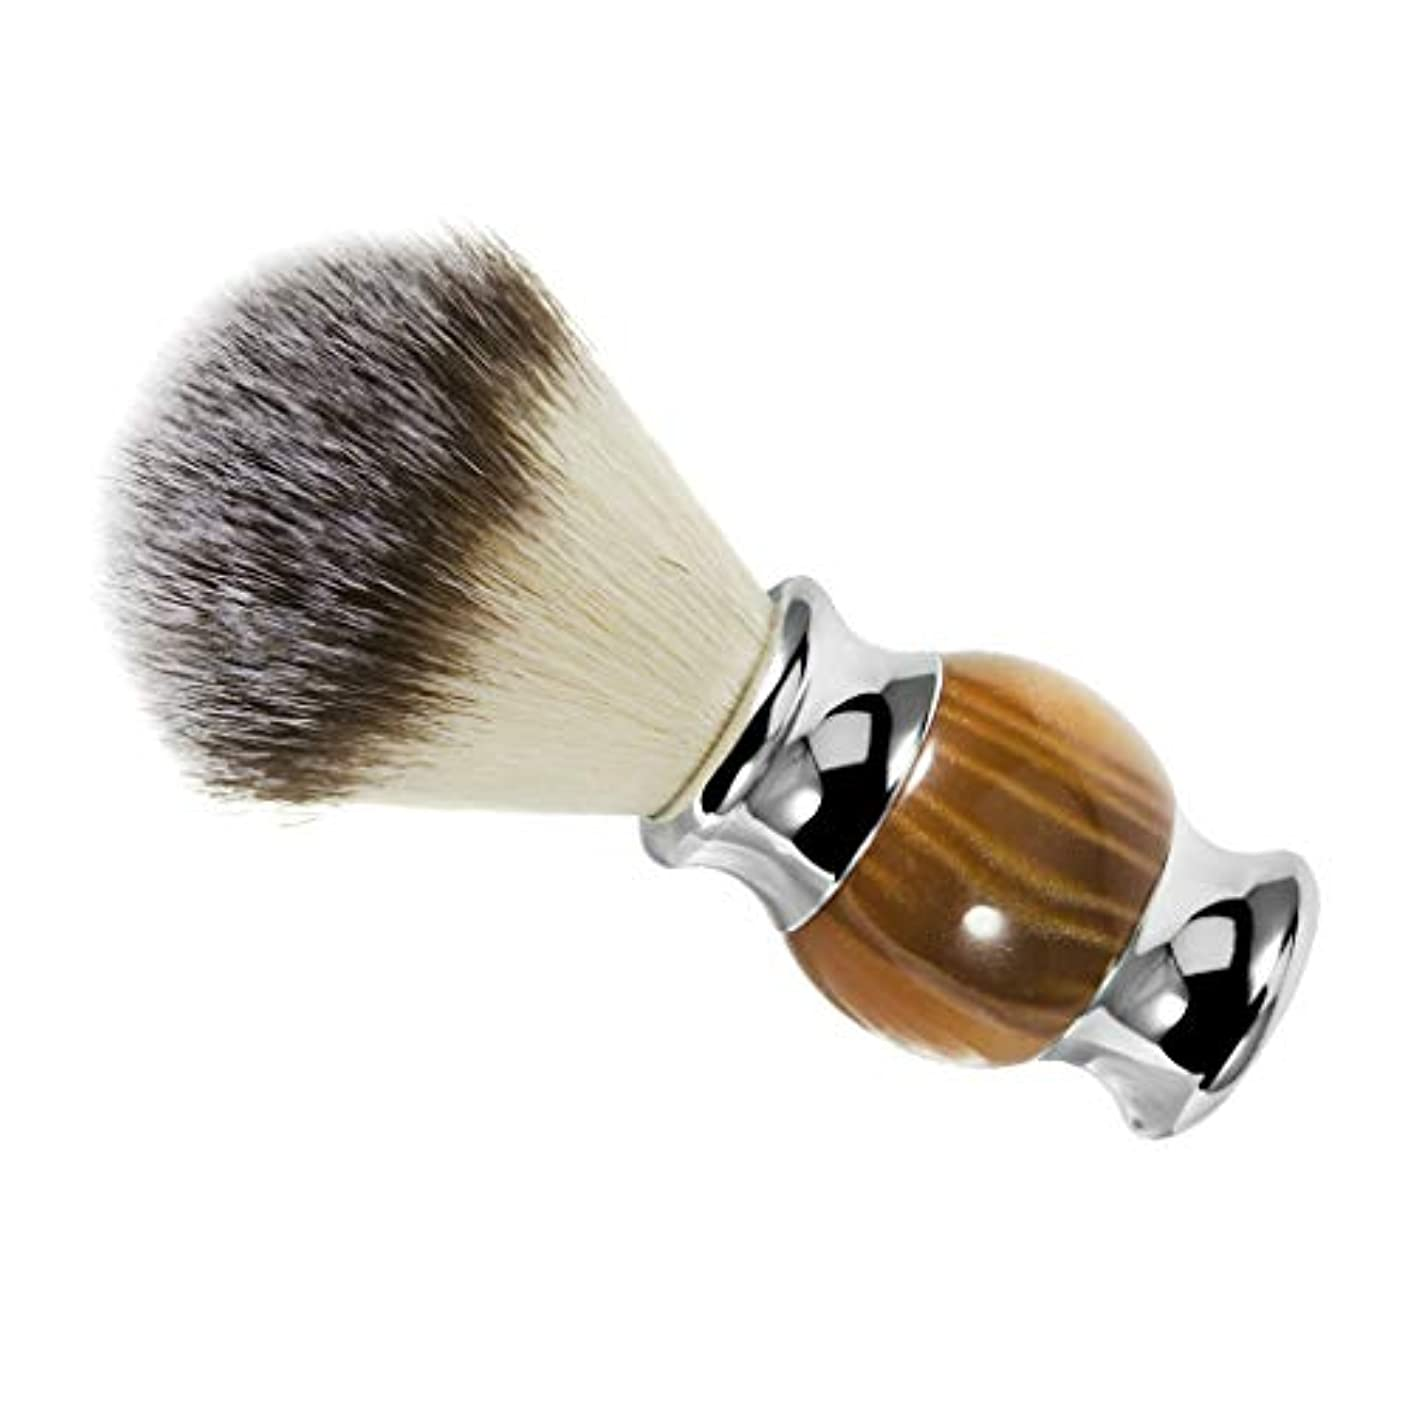 利得モネ浴室dailymall シェービングブラシ メンズ 口ひげブラシ ひげ剃りブラシ バーバーサロン 家庭用